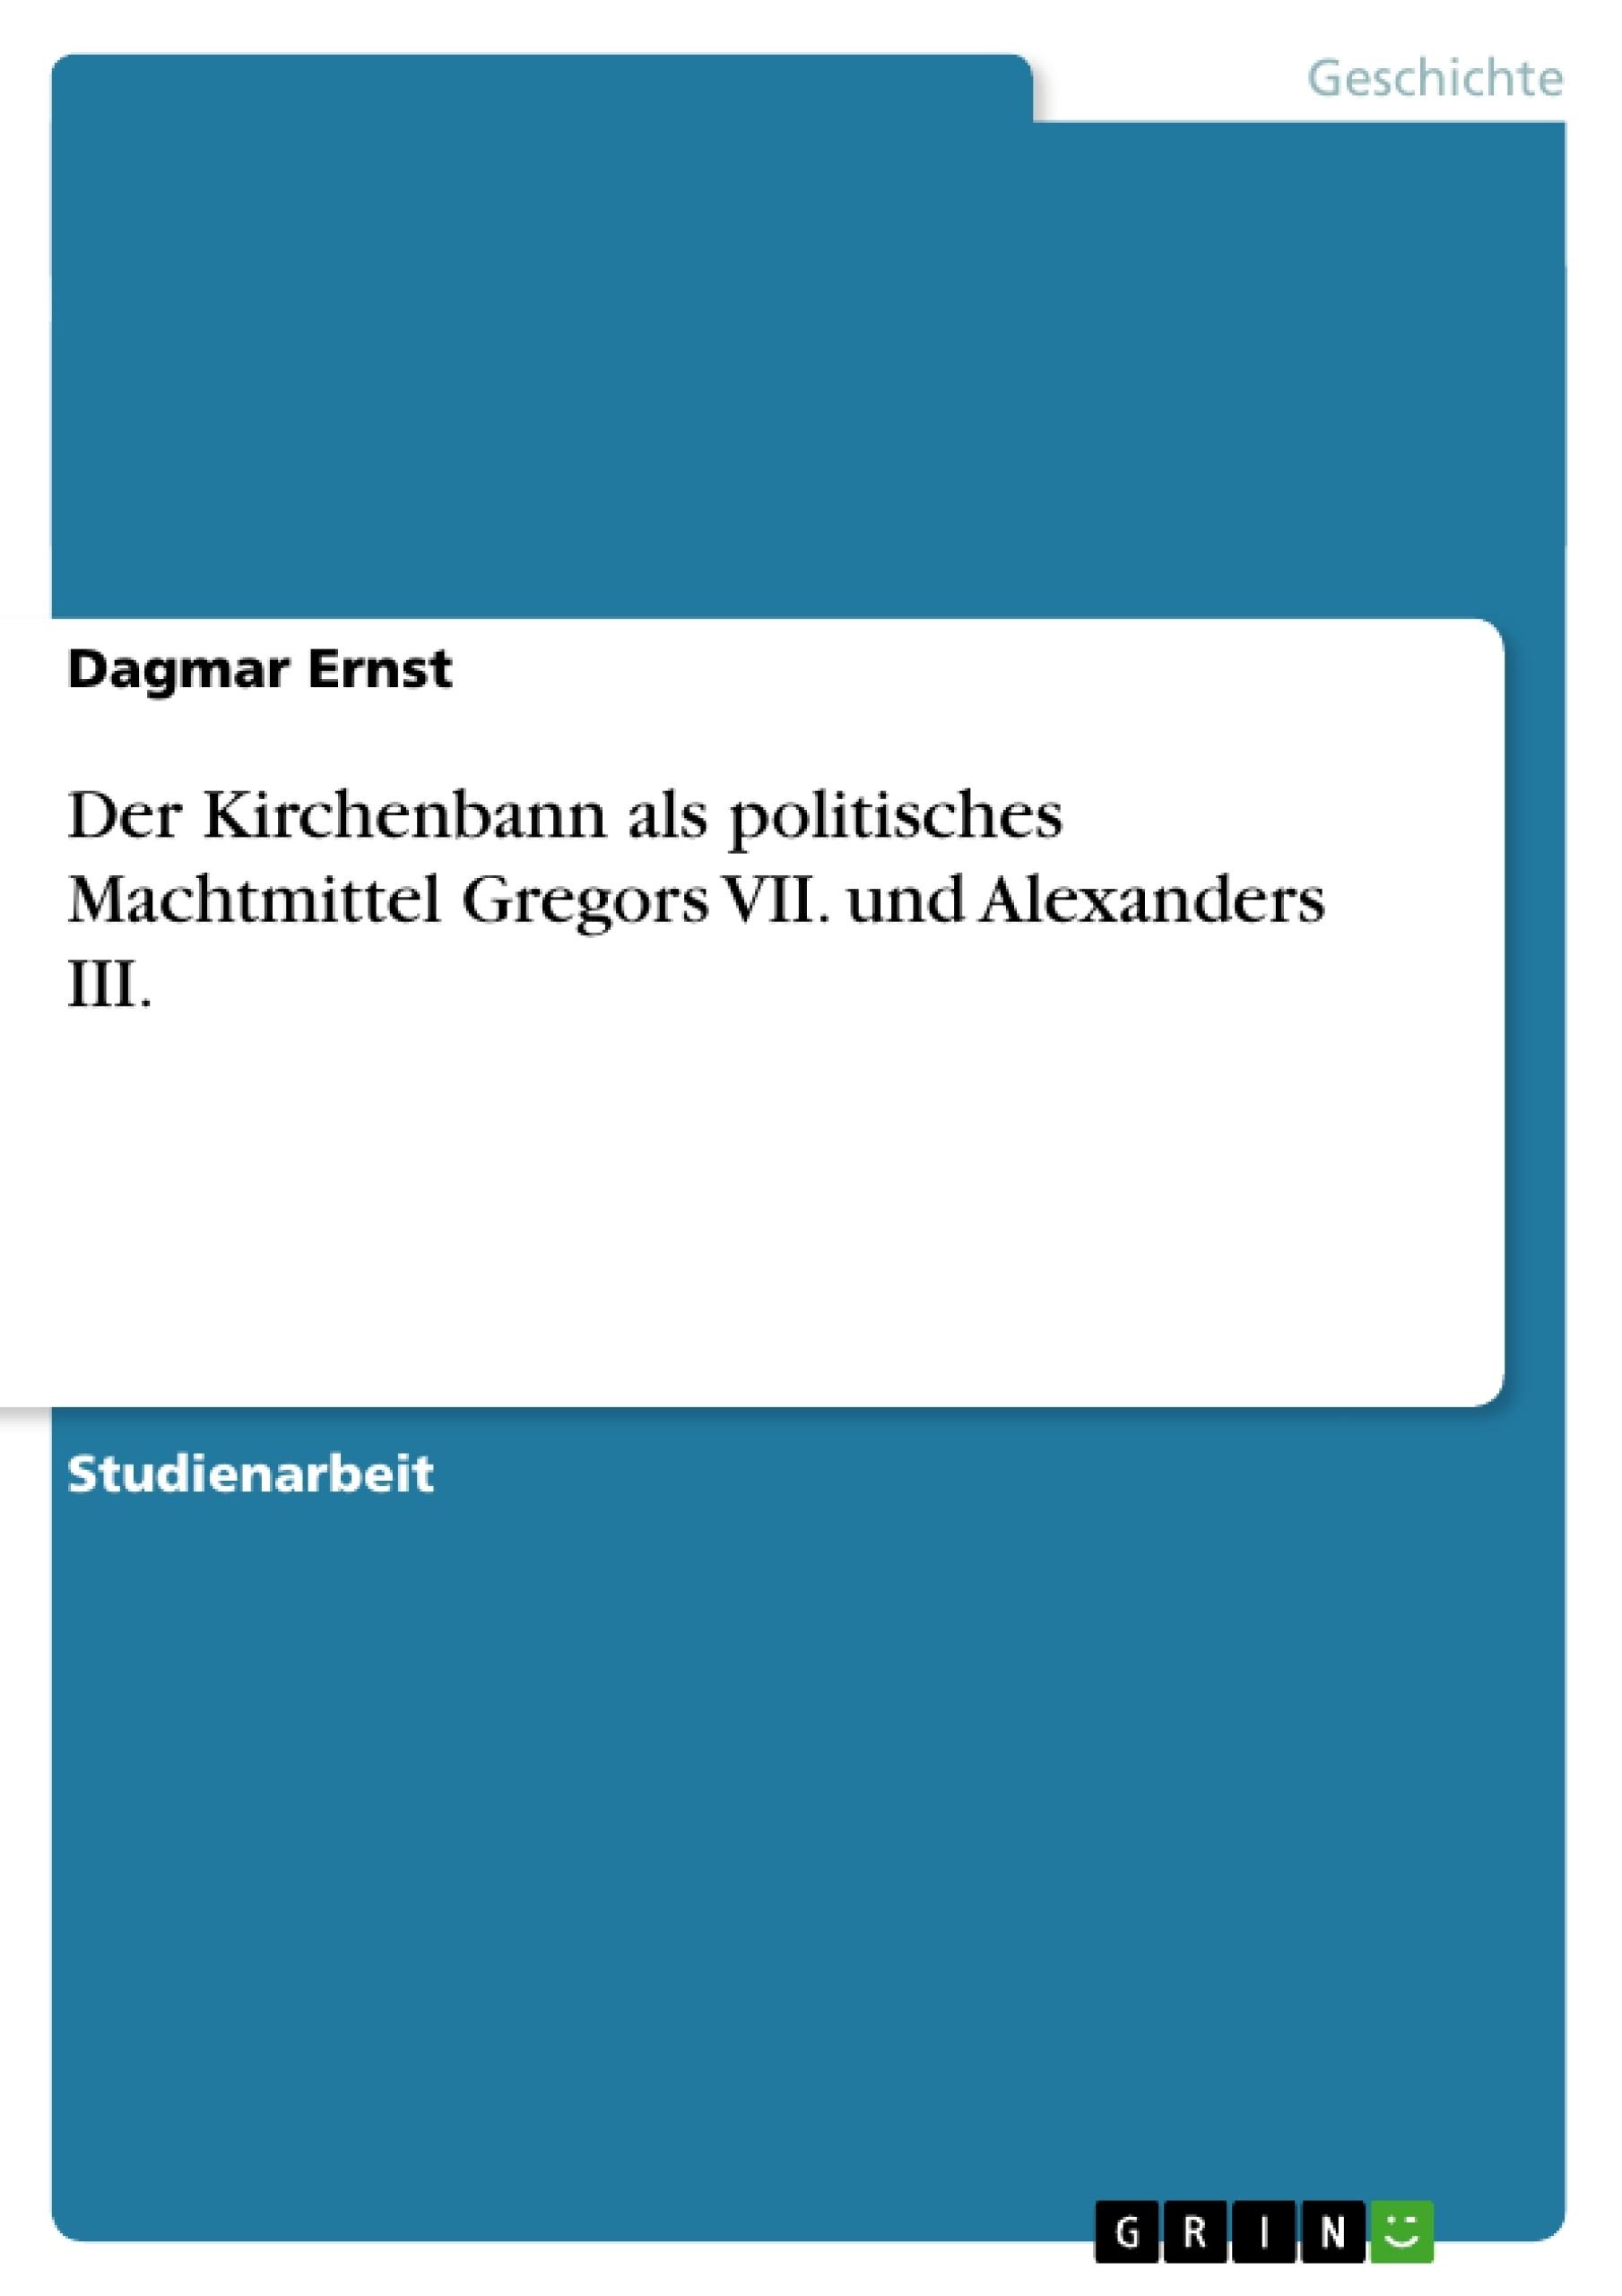 Titel: Der Kirchenbann als politisches Machtmittel Gregors VII. und Alexanders III.